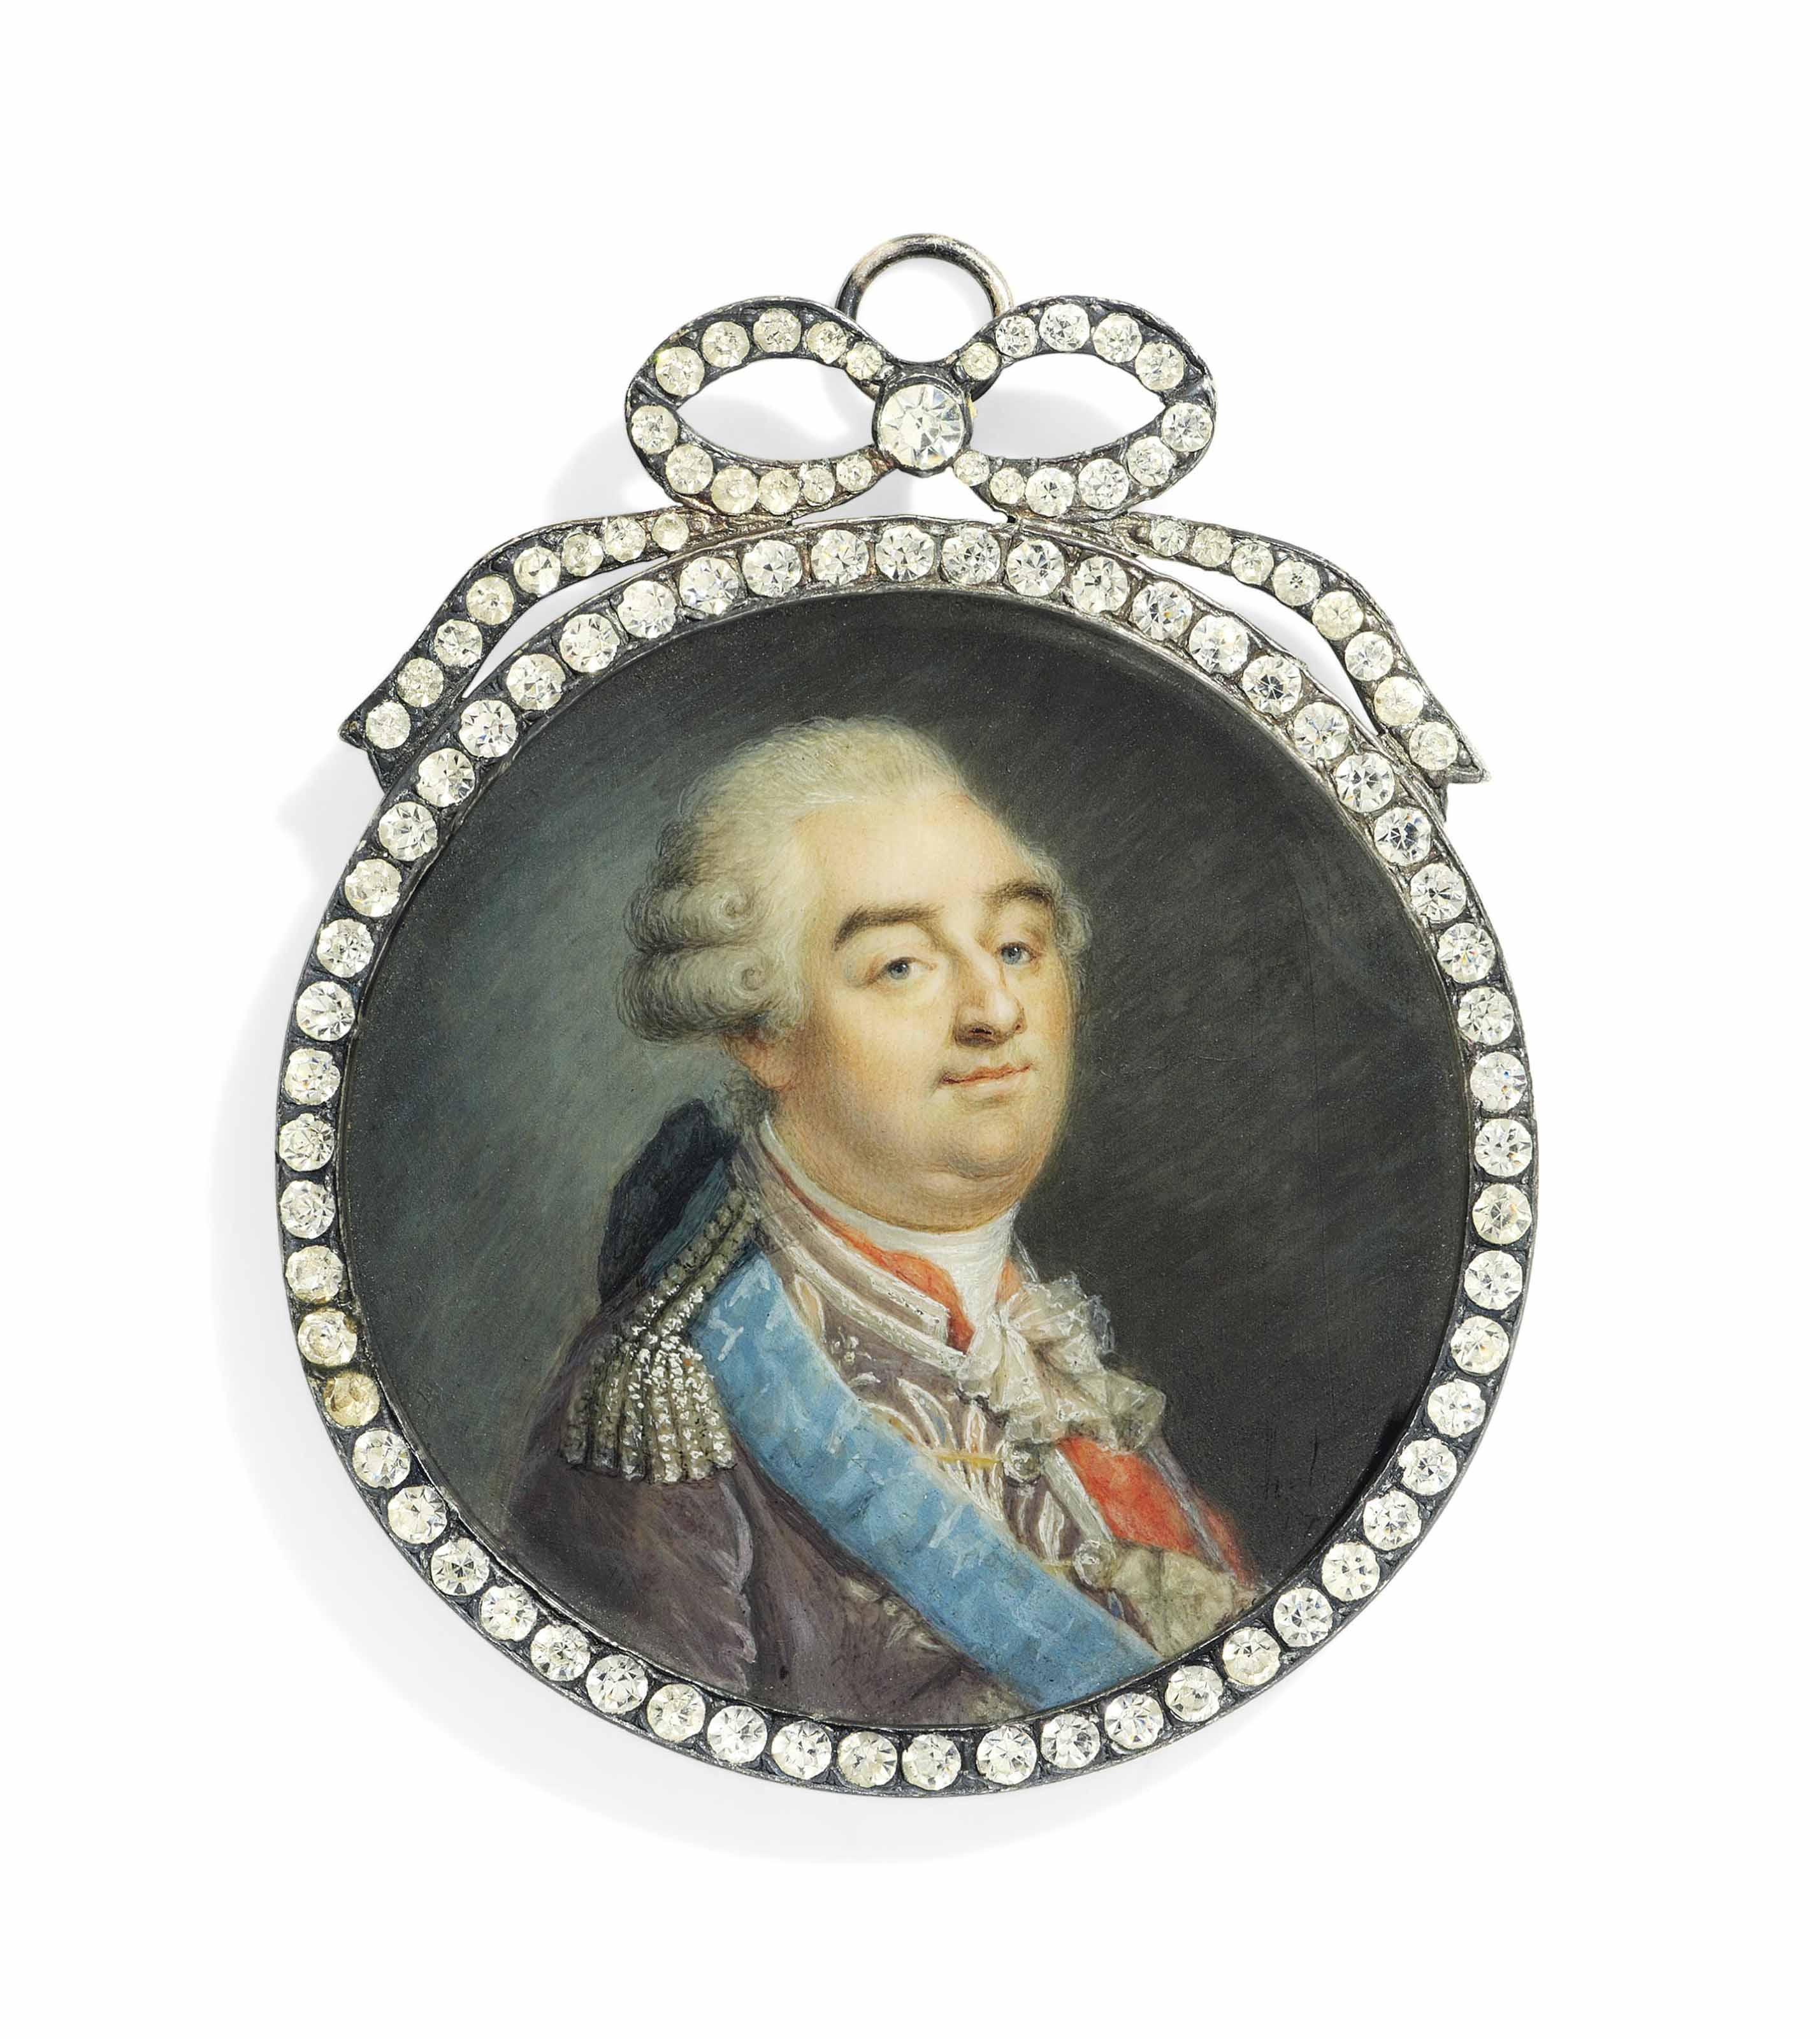 A. HELANT (FRENCH, FL. C. 1790